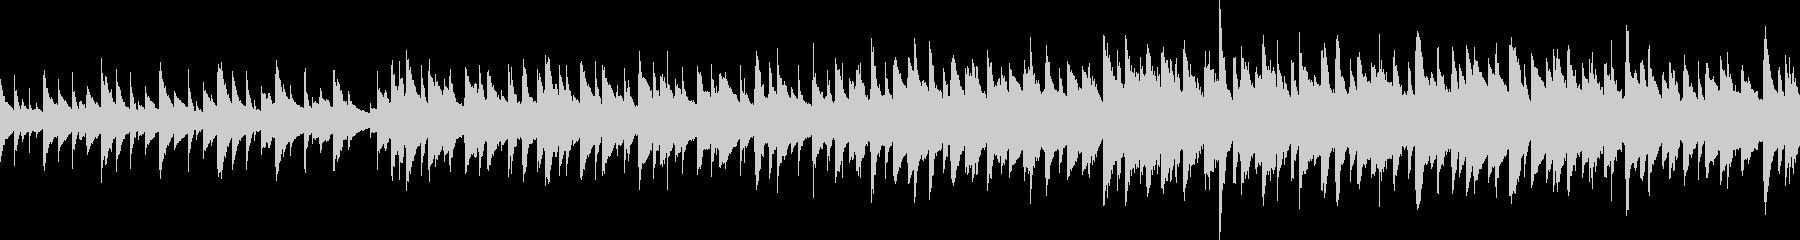 ほんわかカントリー (ループ仕様)の未再生の波形